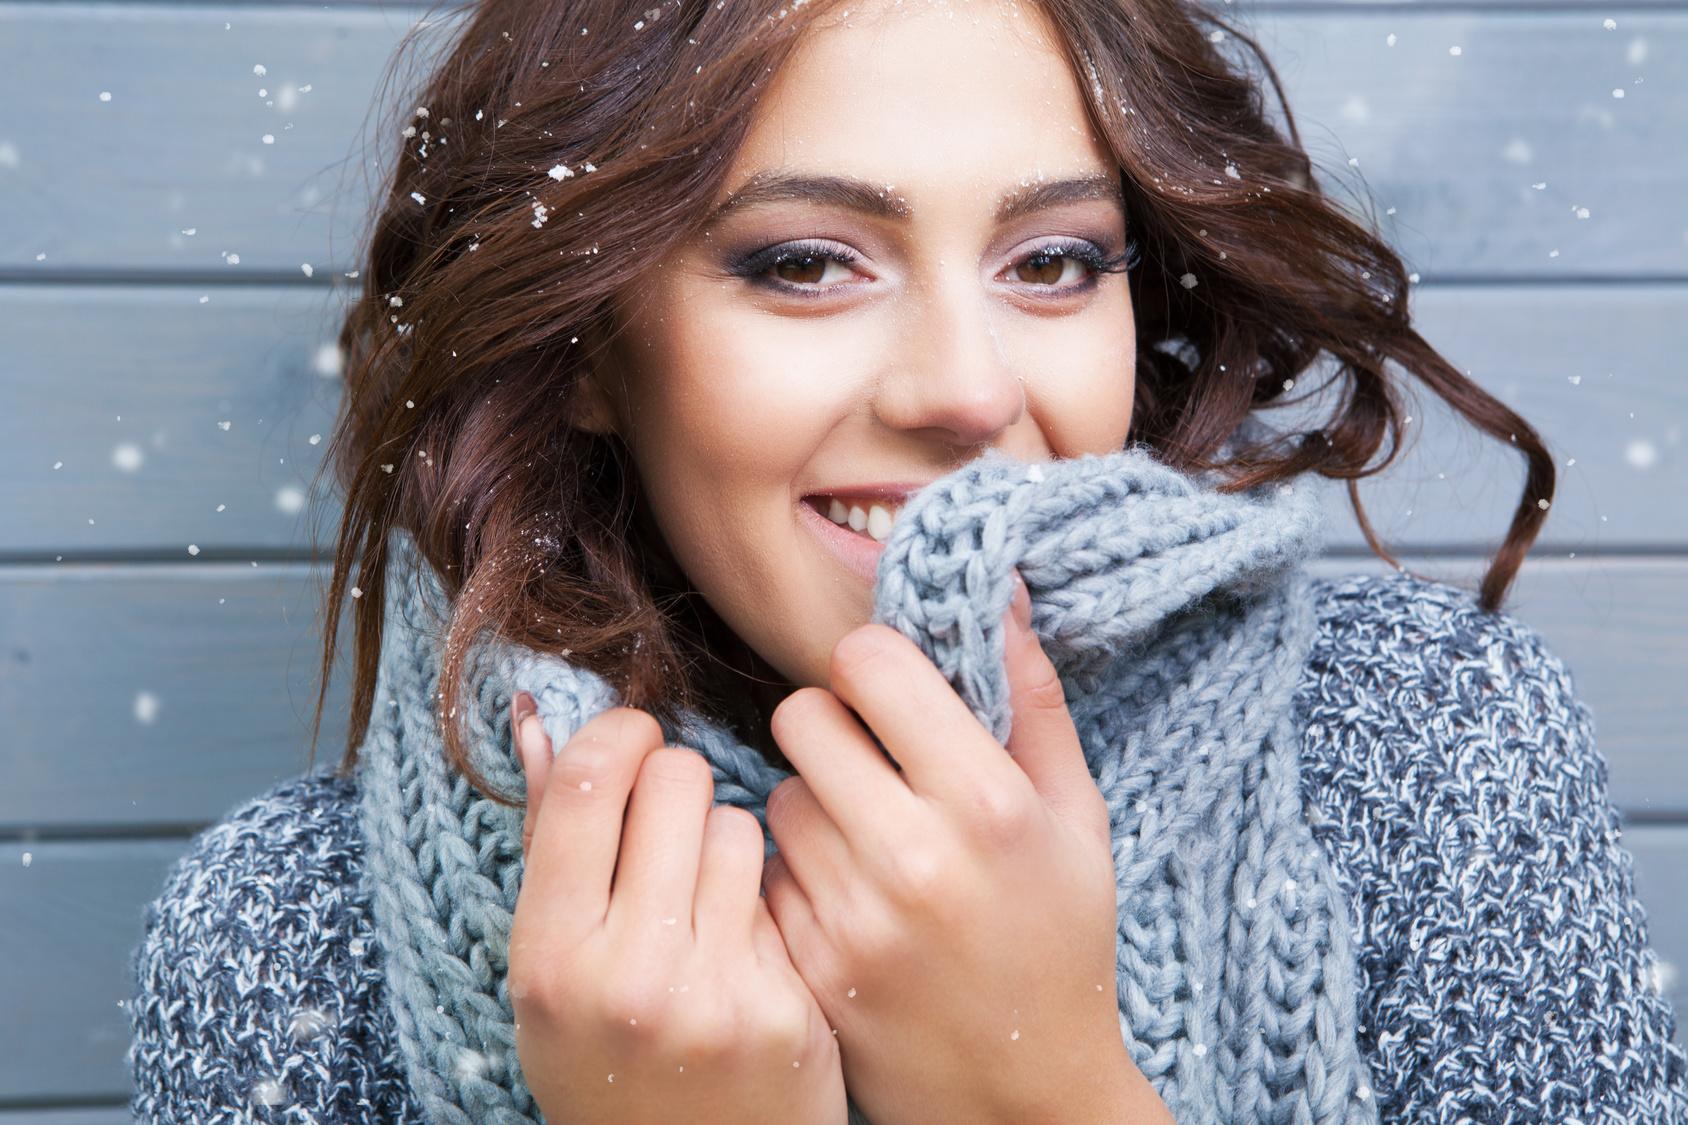 Naturalne metody pielęgnacji skóry na jesień i zimę. Wszystkie produkty znajdziesz w domowej spiżarni